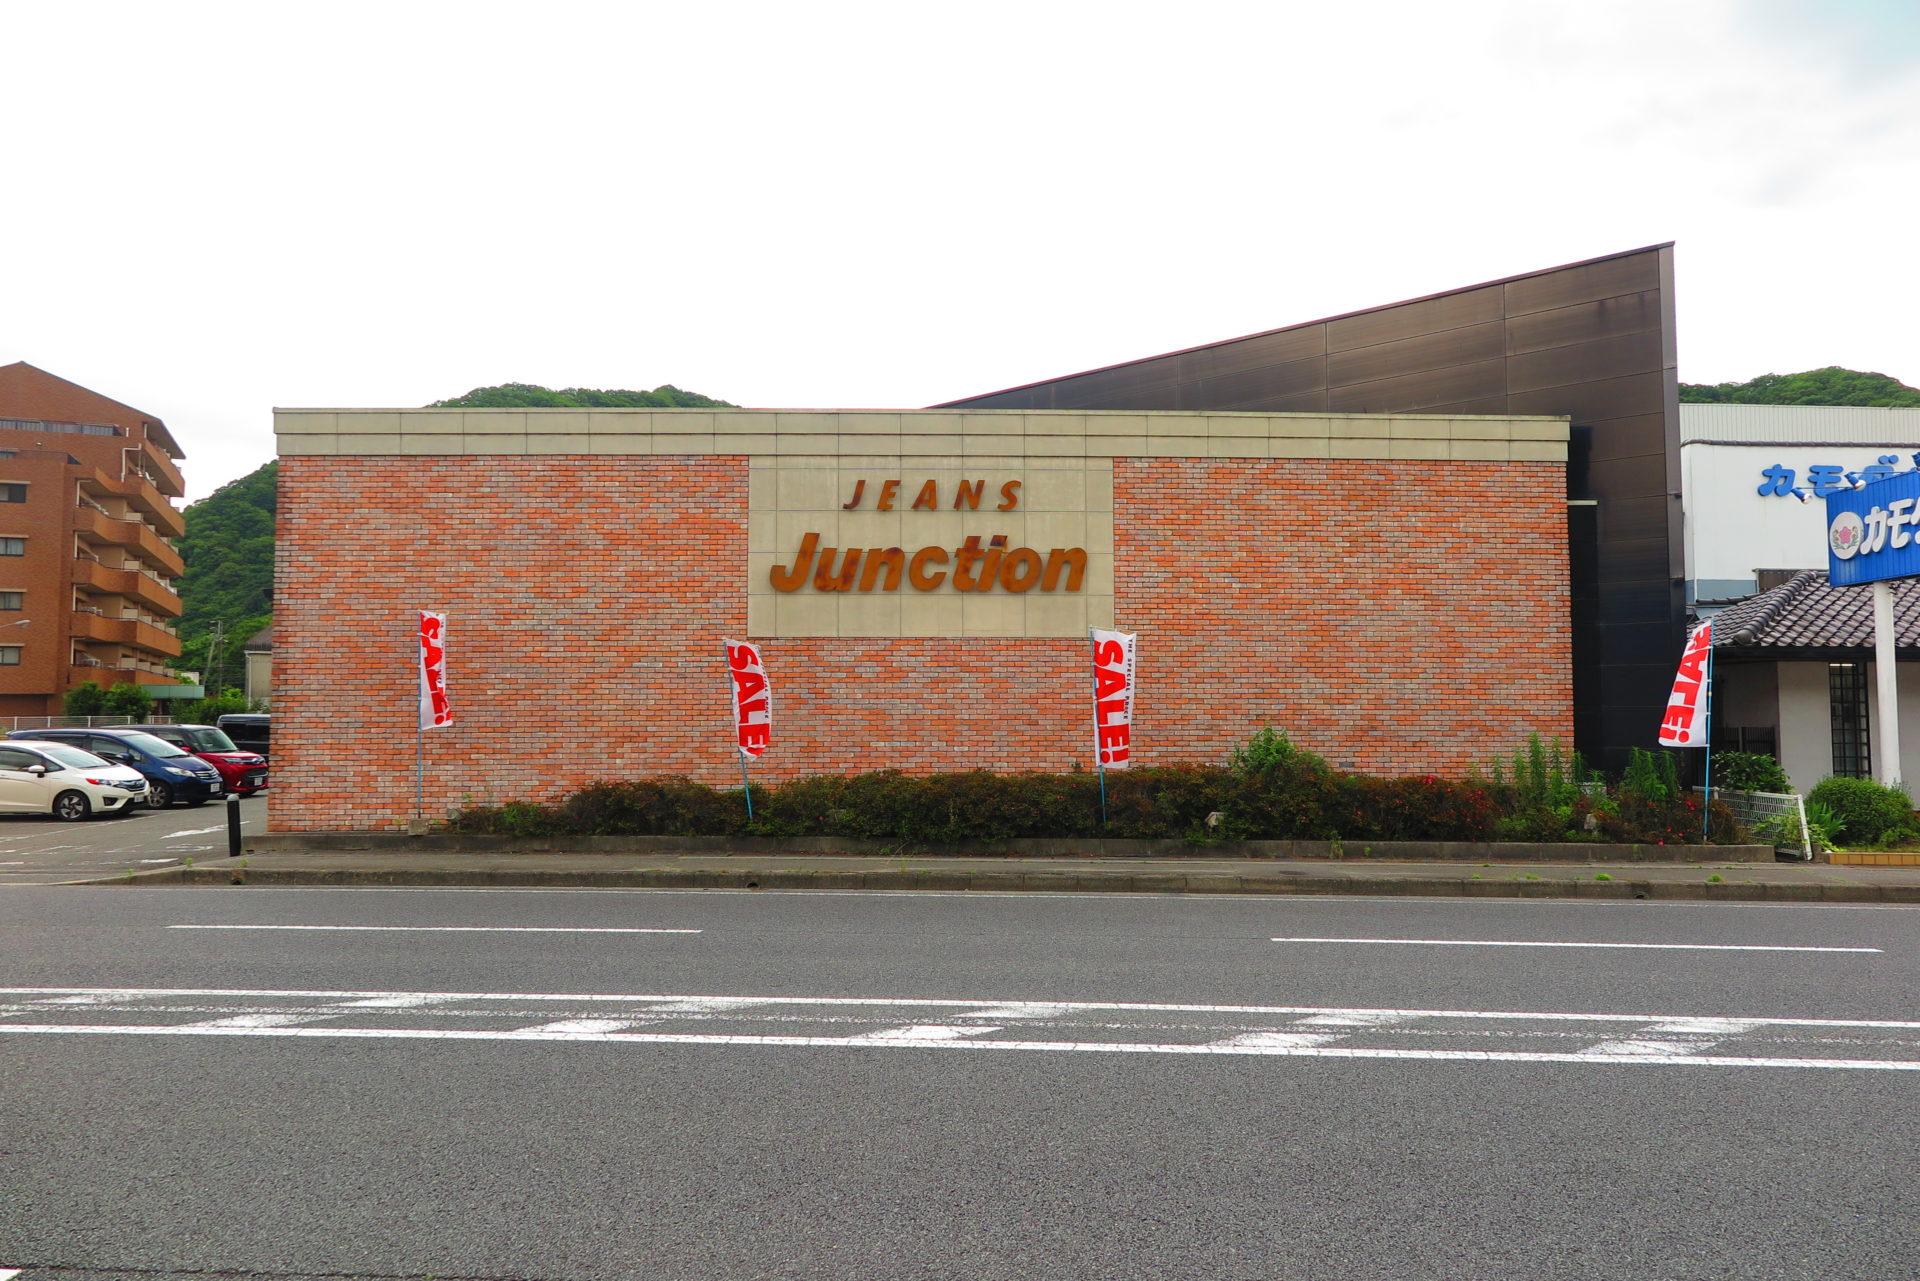 24年の歴史!砥堀のジーンズジャンクション101姫路店が閉店する ...